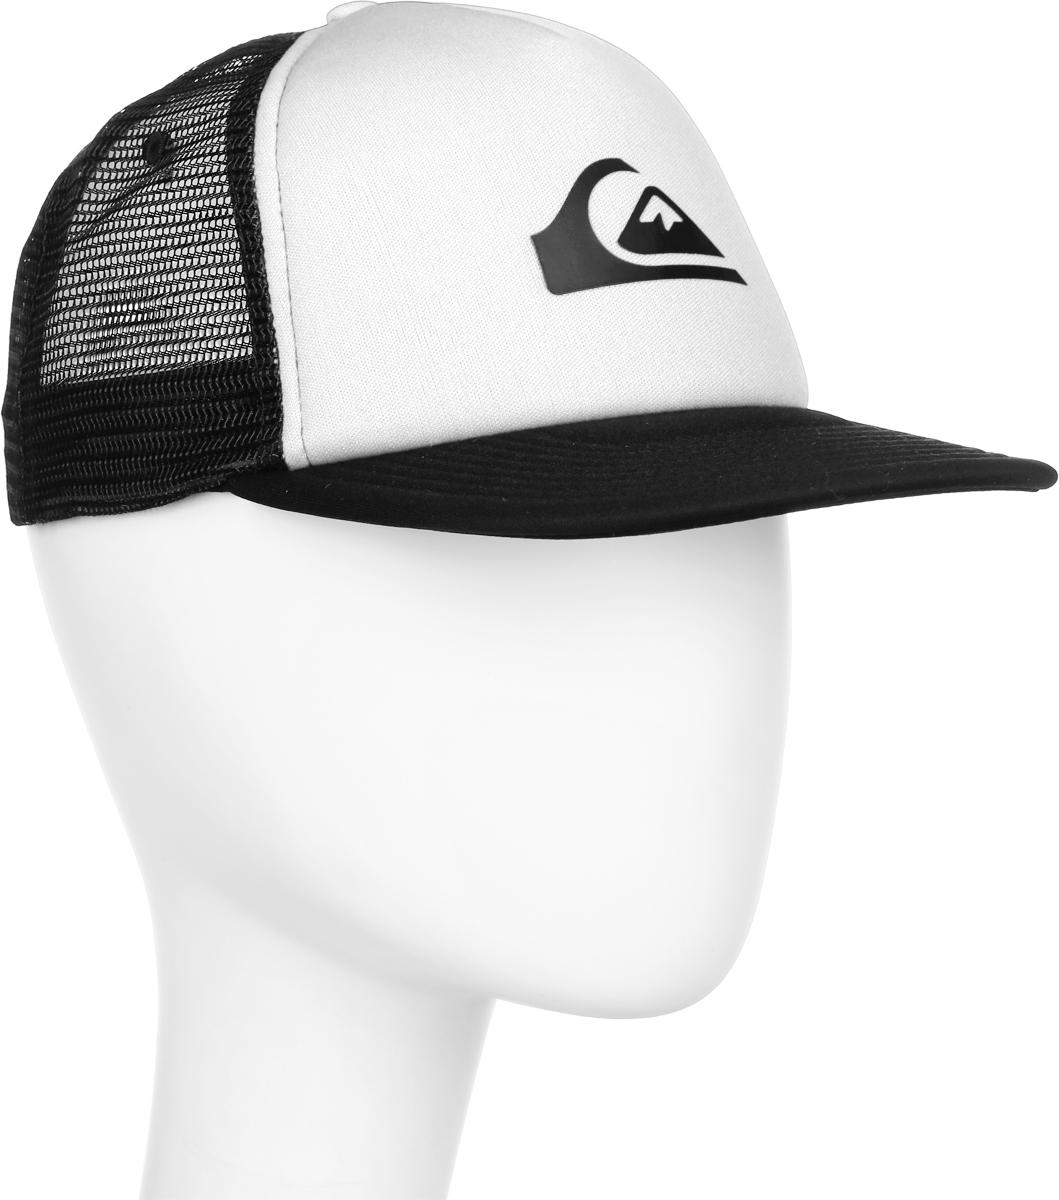 Бейсболка муж Quiksilver Snap Addict, цвет: белый, черный. AQYHA03528-WBB0. Размер универсальныйAQYHA03528-WBB0